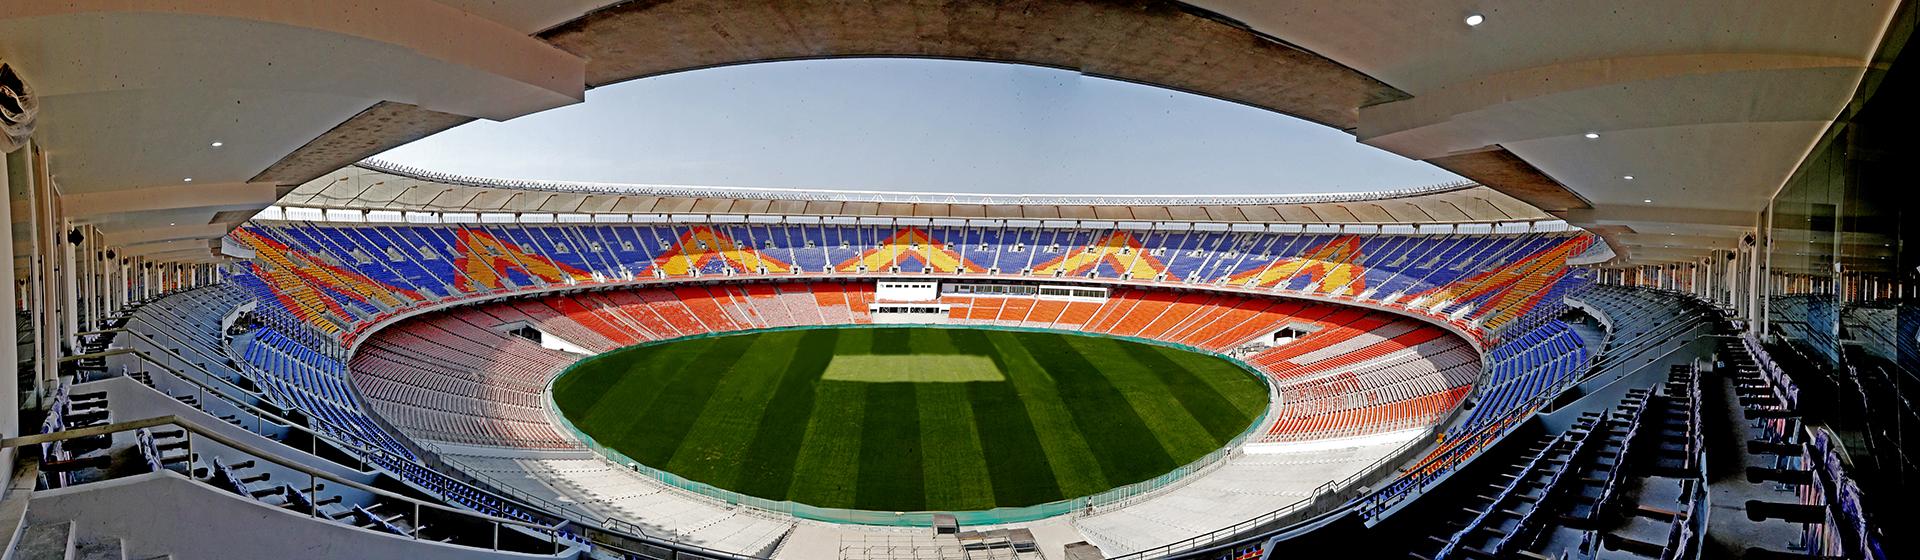 Motera stadium full look